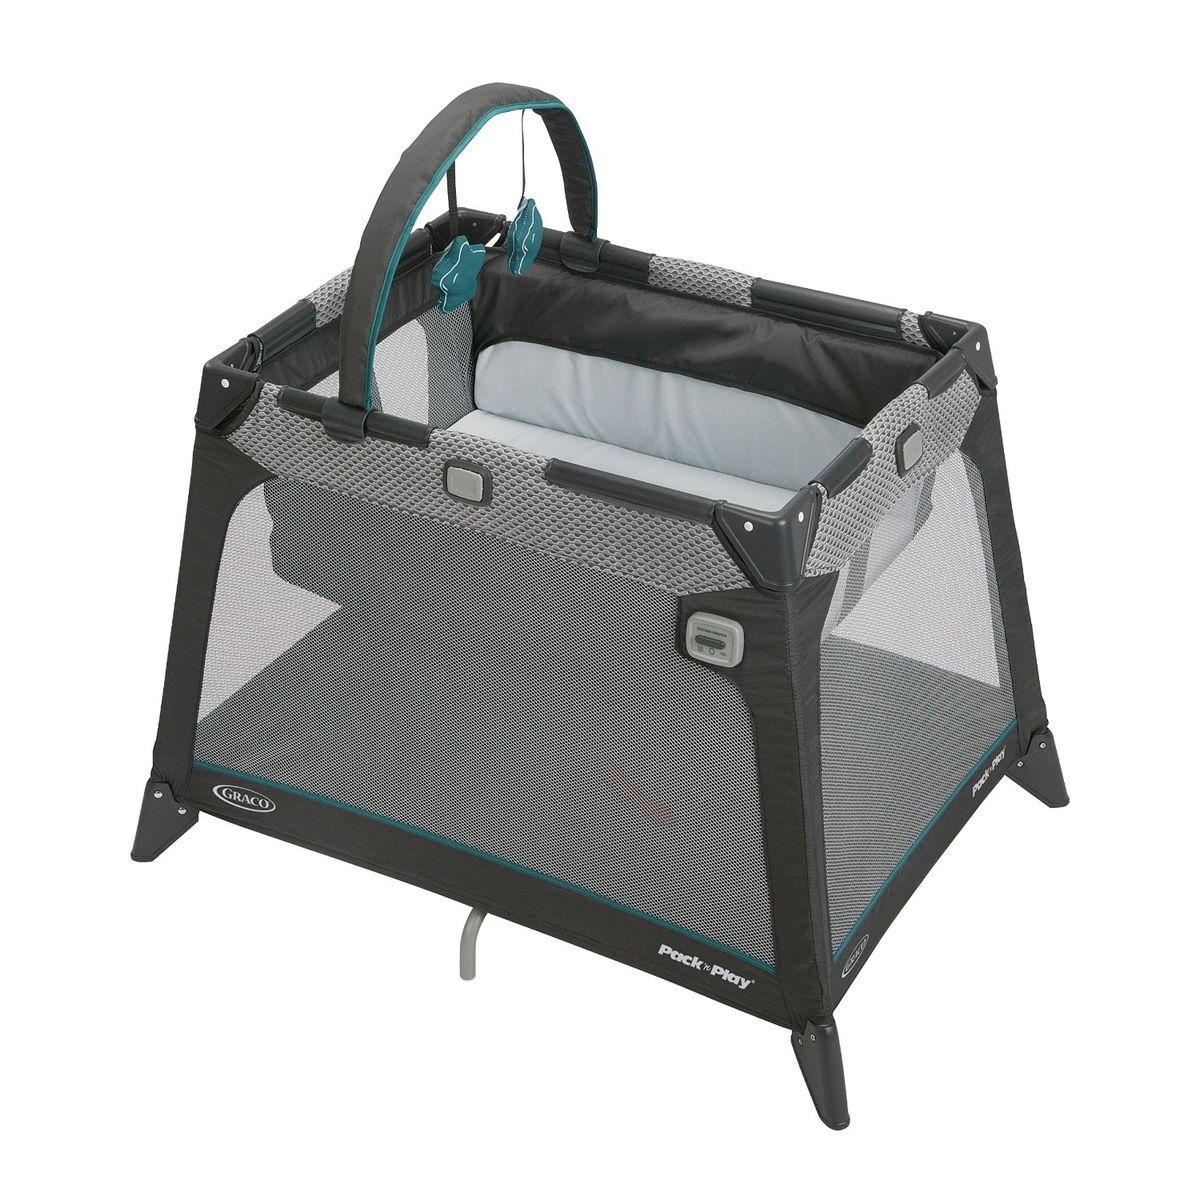 Самая компактная дорожная кроватка идеально подойдет для путешествий с малышом. Компактная конструкция, трапециевидная форма и легкие материалы делают эту кроватку мобильной и практичной. Удобный механизм складывания. С рождения до 3х лет (0-15 кг). Колыбель с рождения до достижения веса 6,5 кг. Механизм вибрации. Мобиль с игрушками в комплекте.